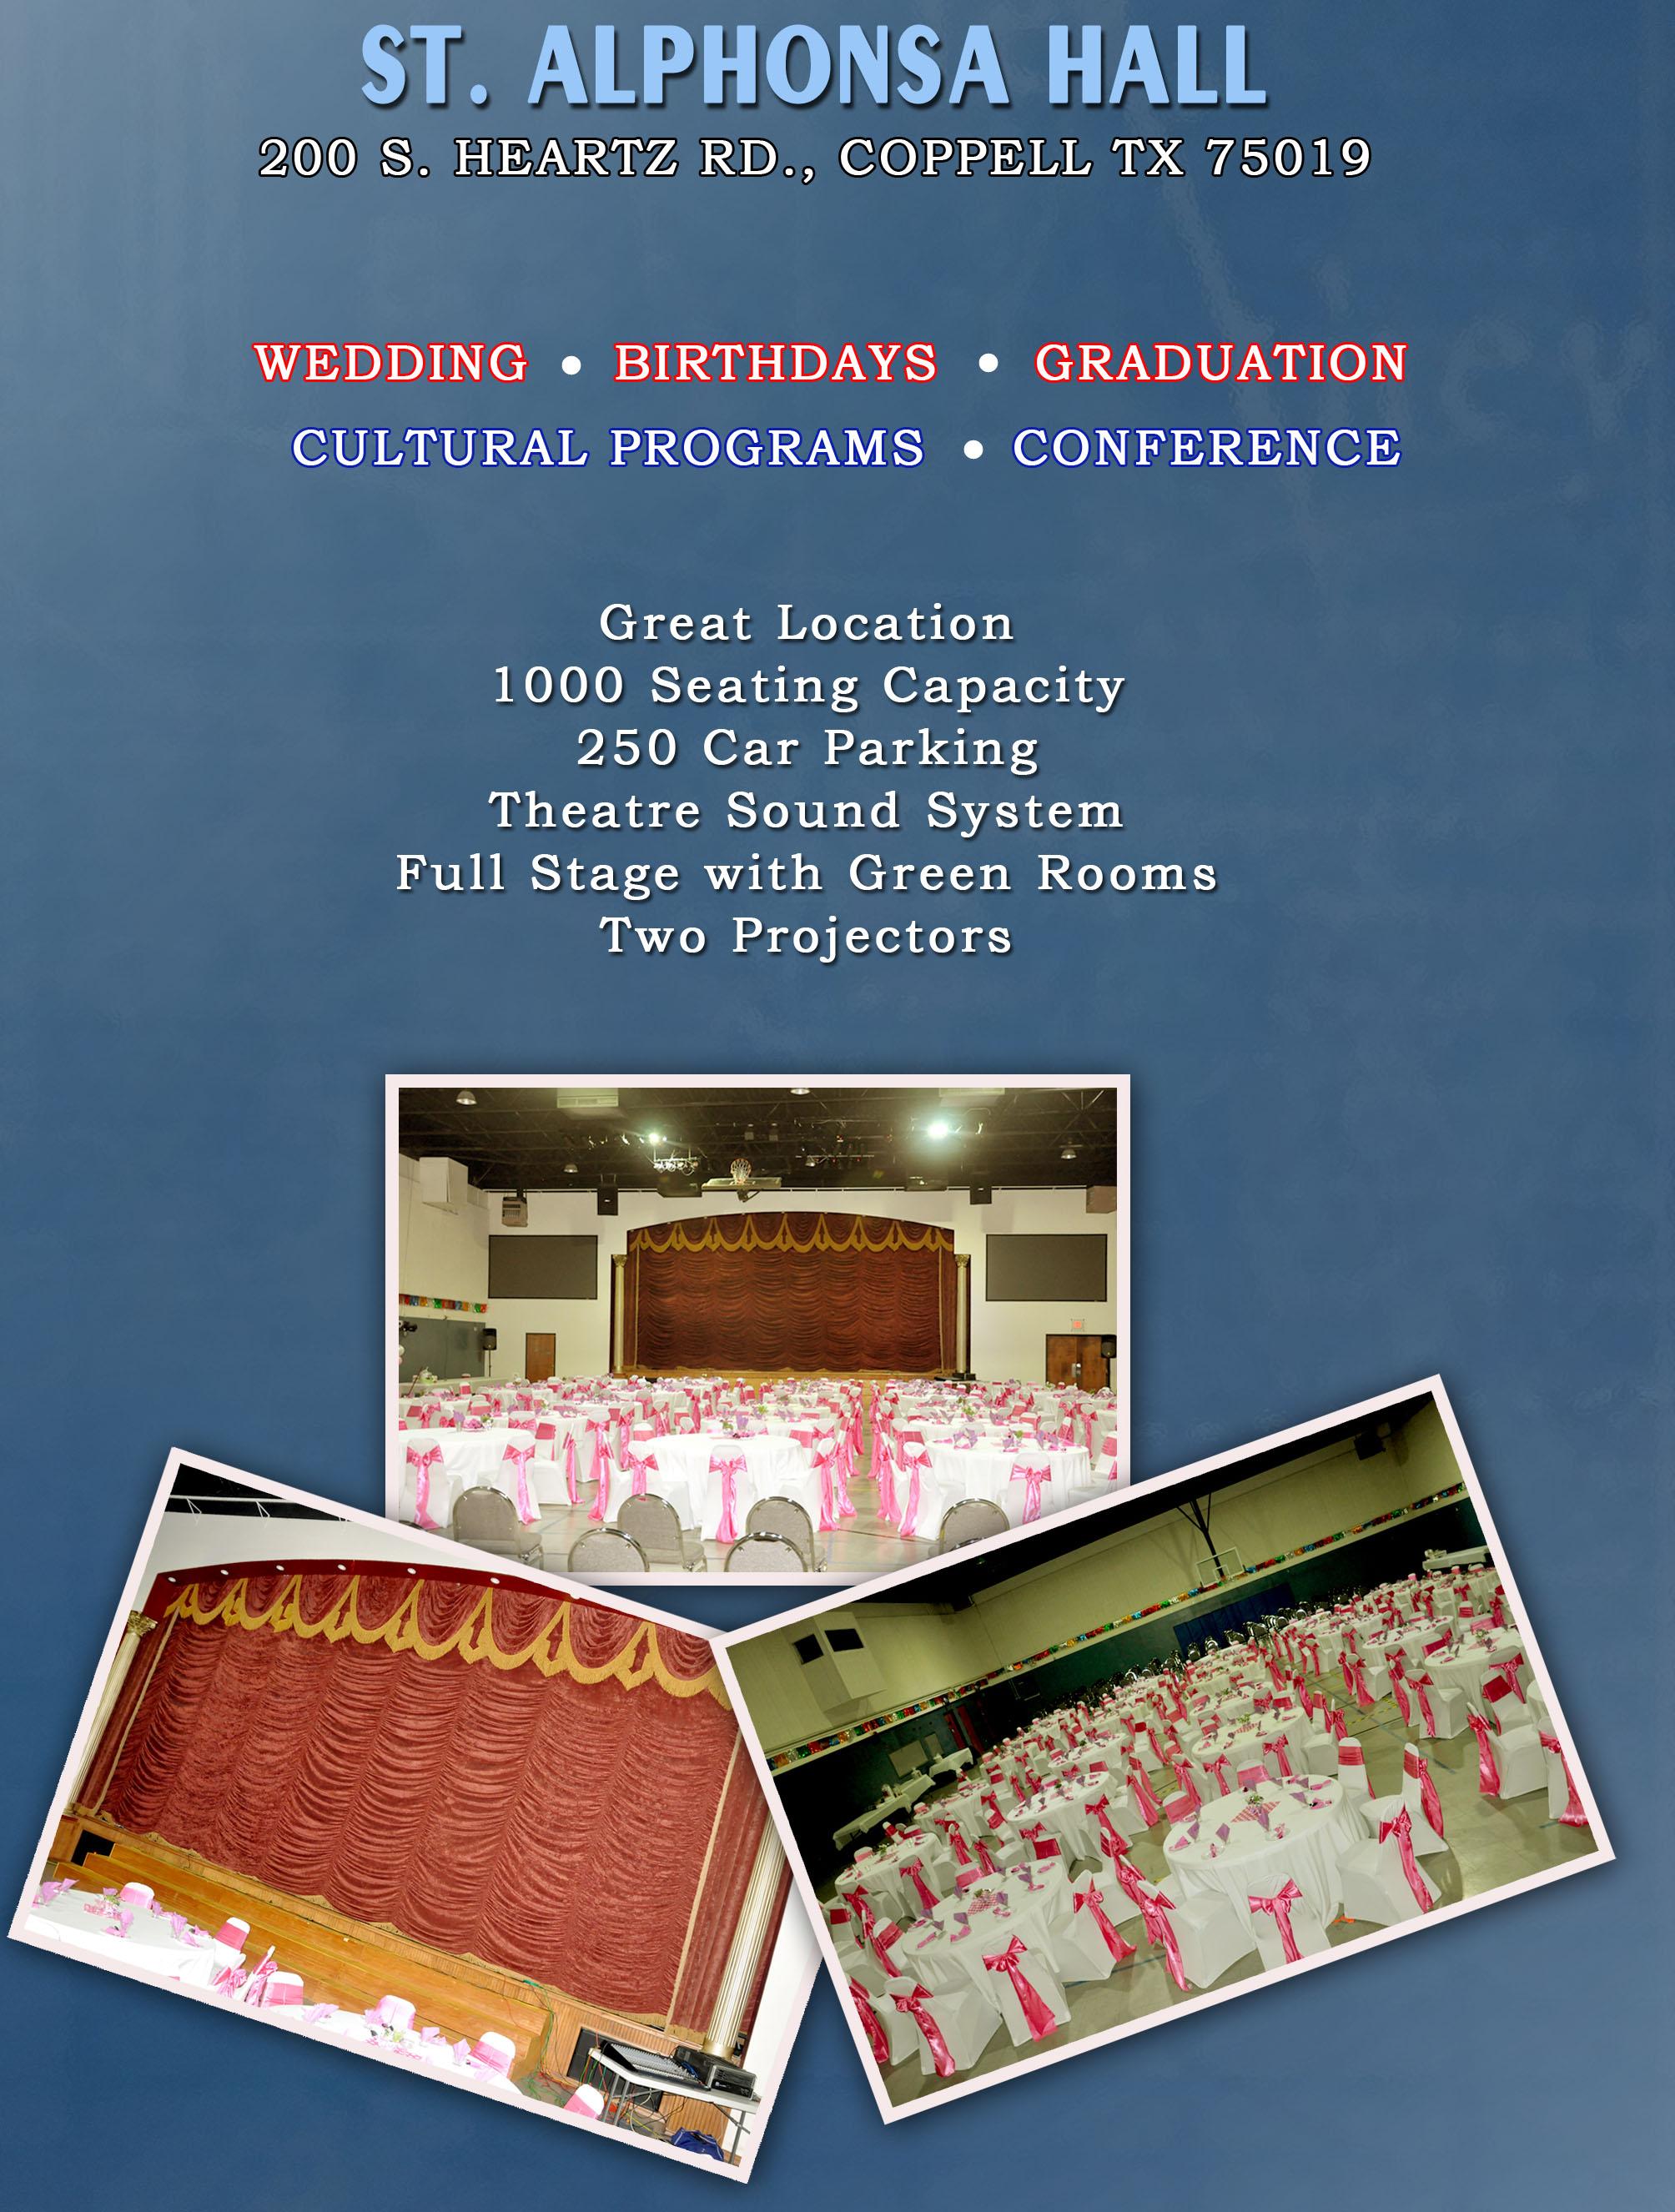 For Auditorium Rentals: Mr. Franco Davis : 972-804-5812